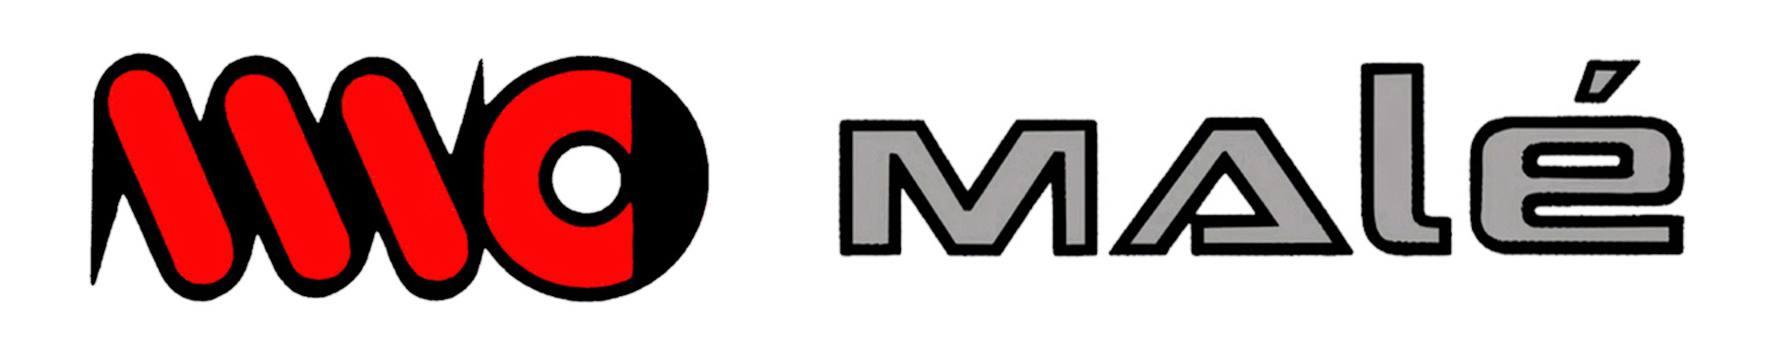 logo-male-15x3-cm